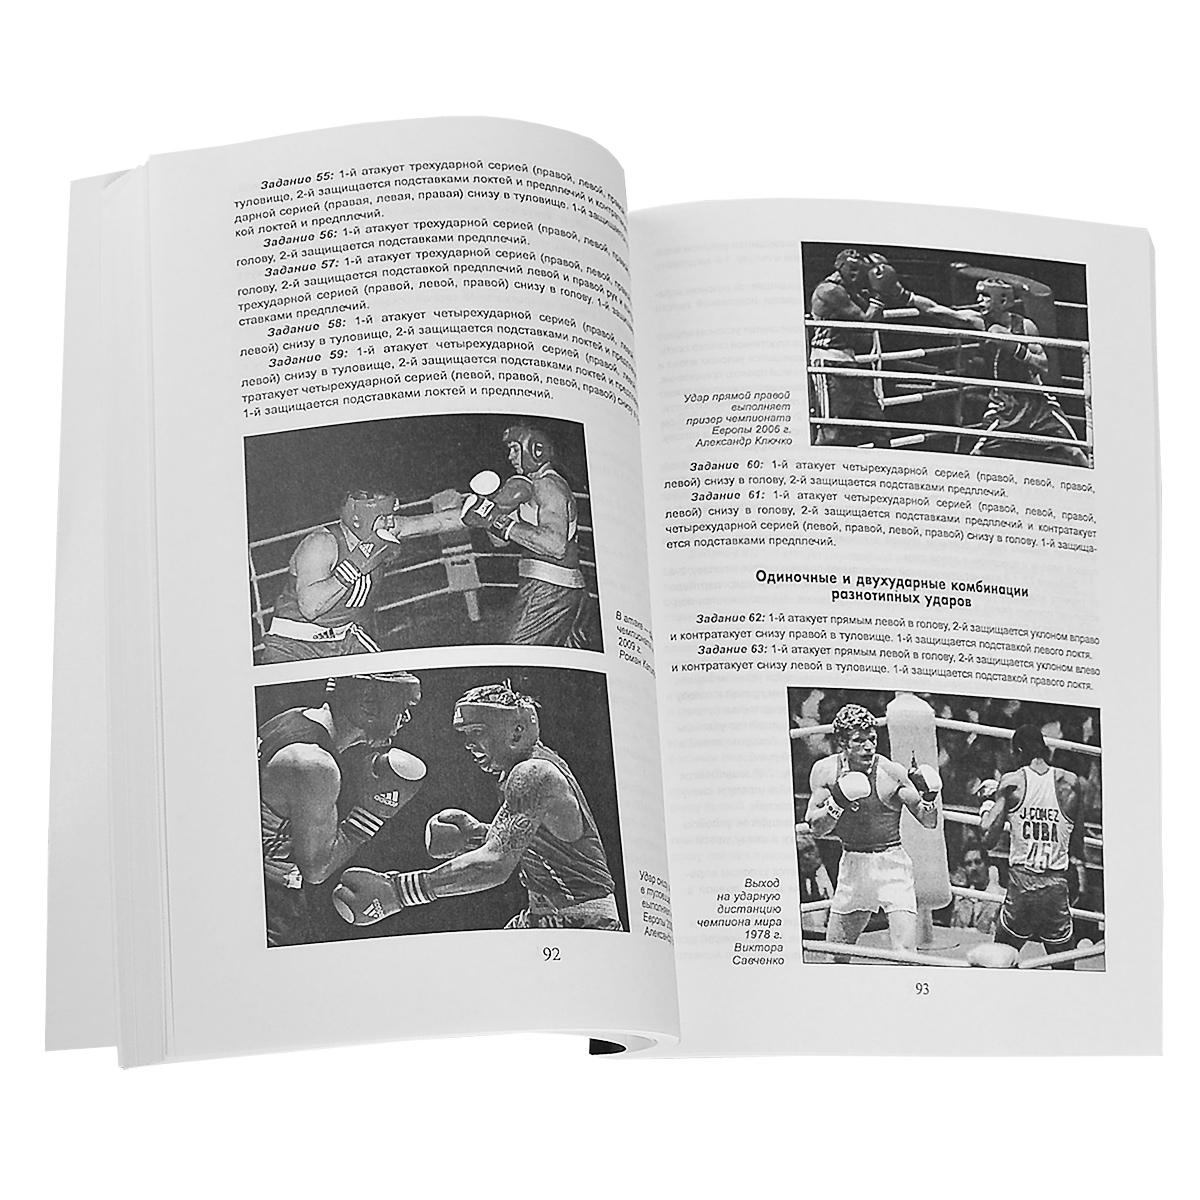 Обучение и тренировка боксеров, В. Н. Остьянов